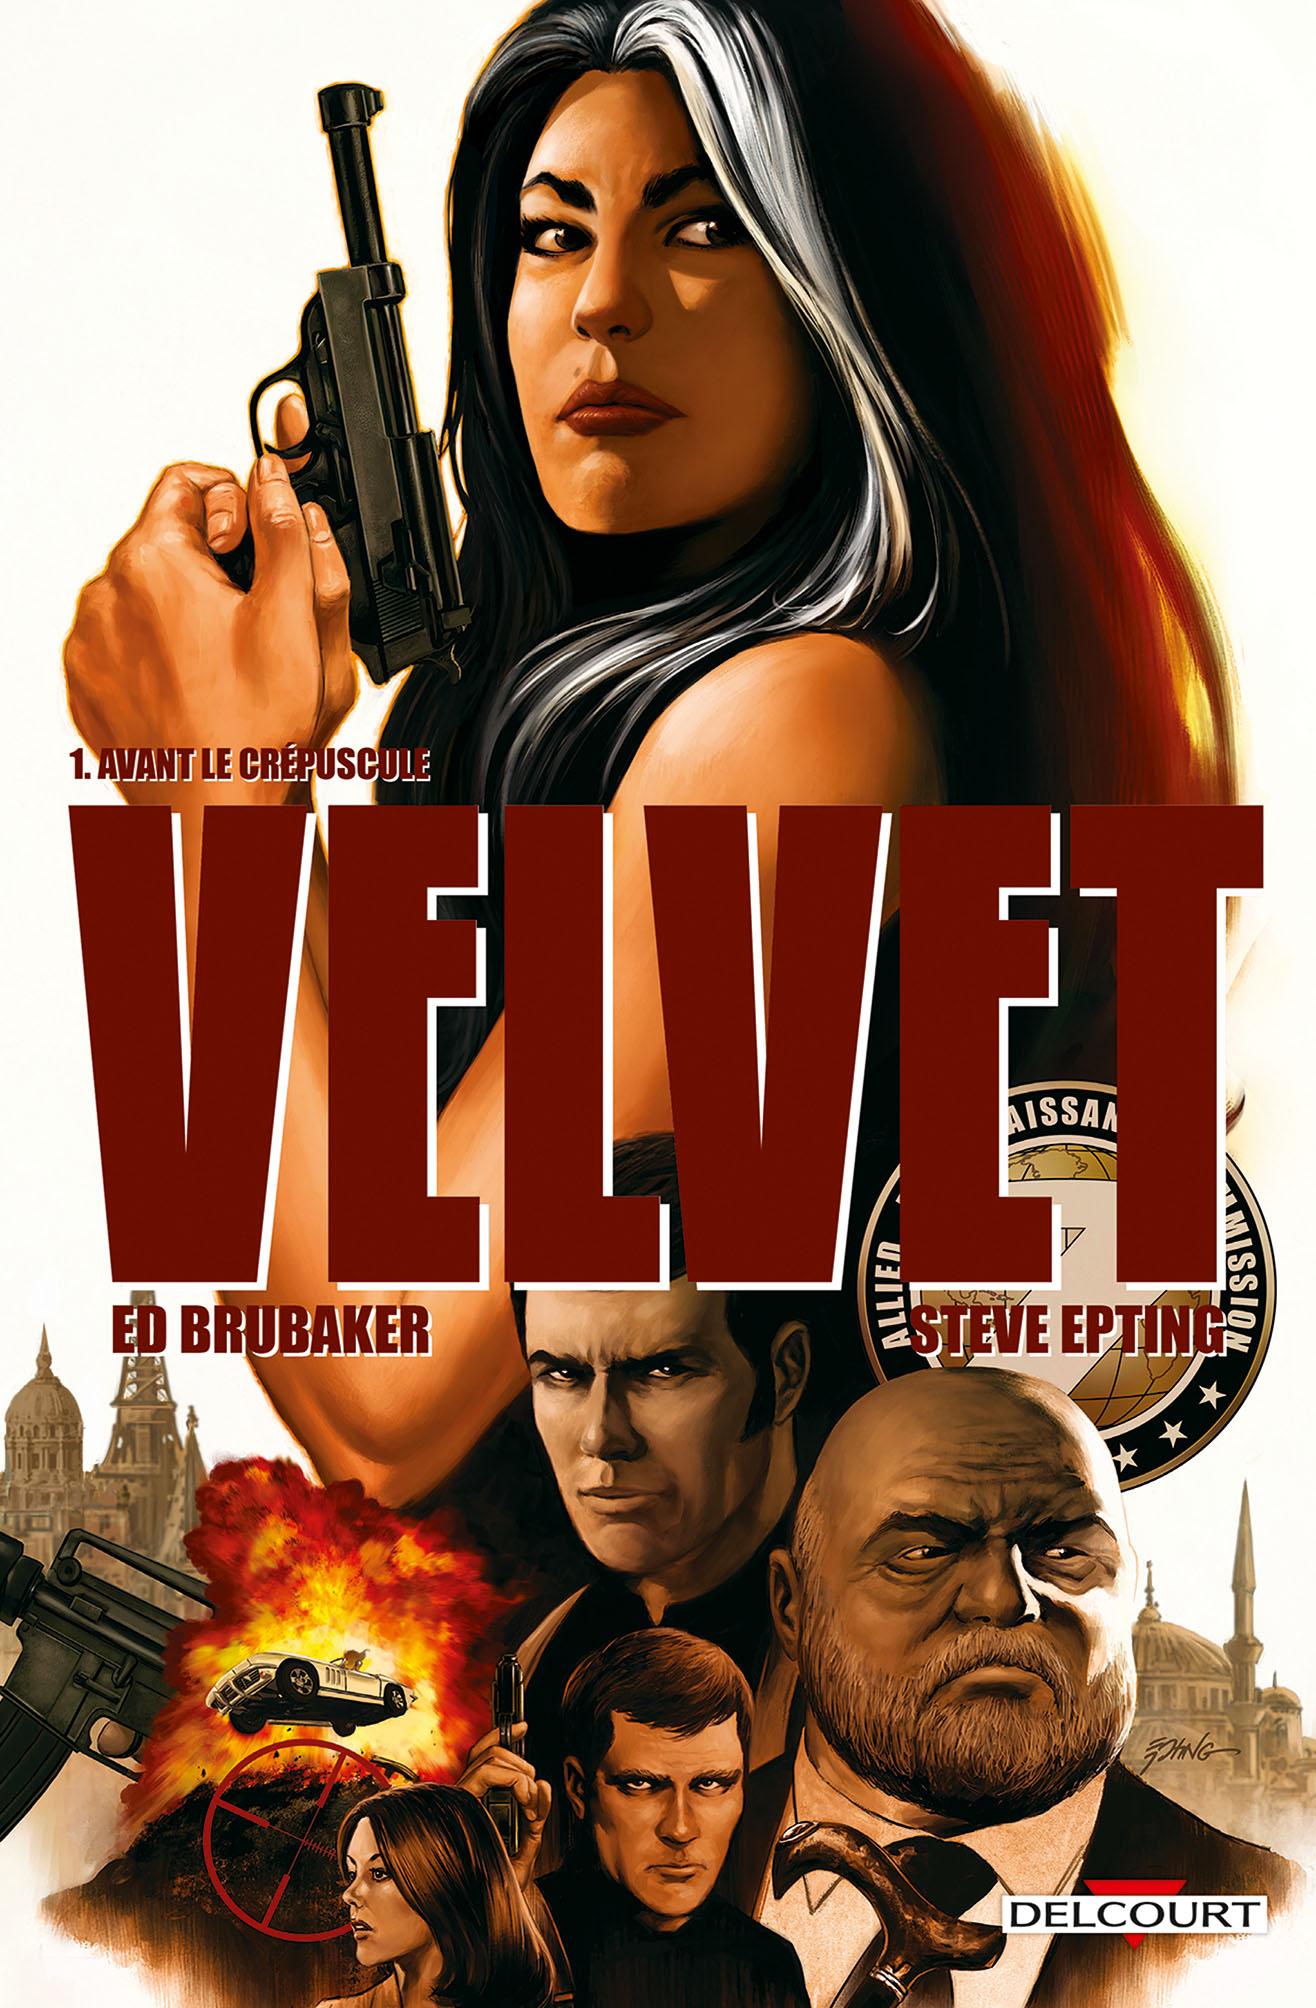 Velvet 1 - Avant le crépuscule